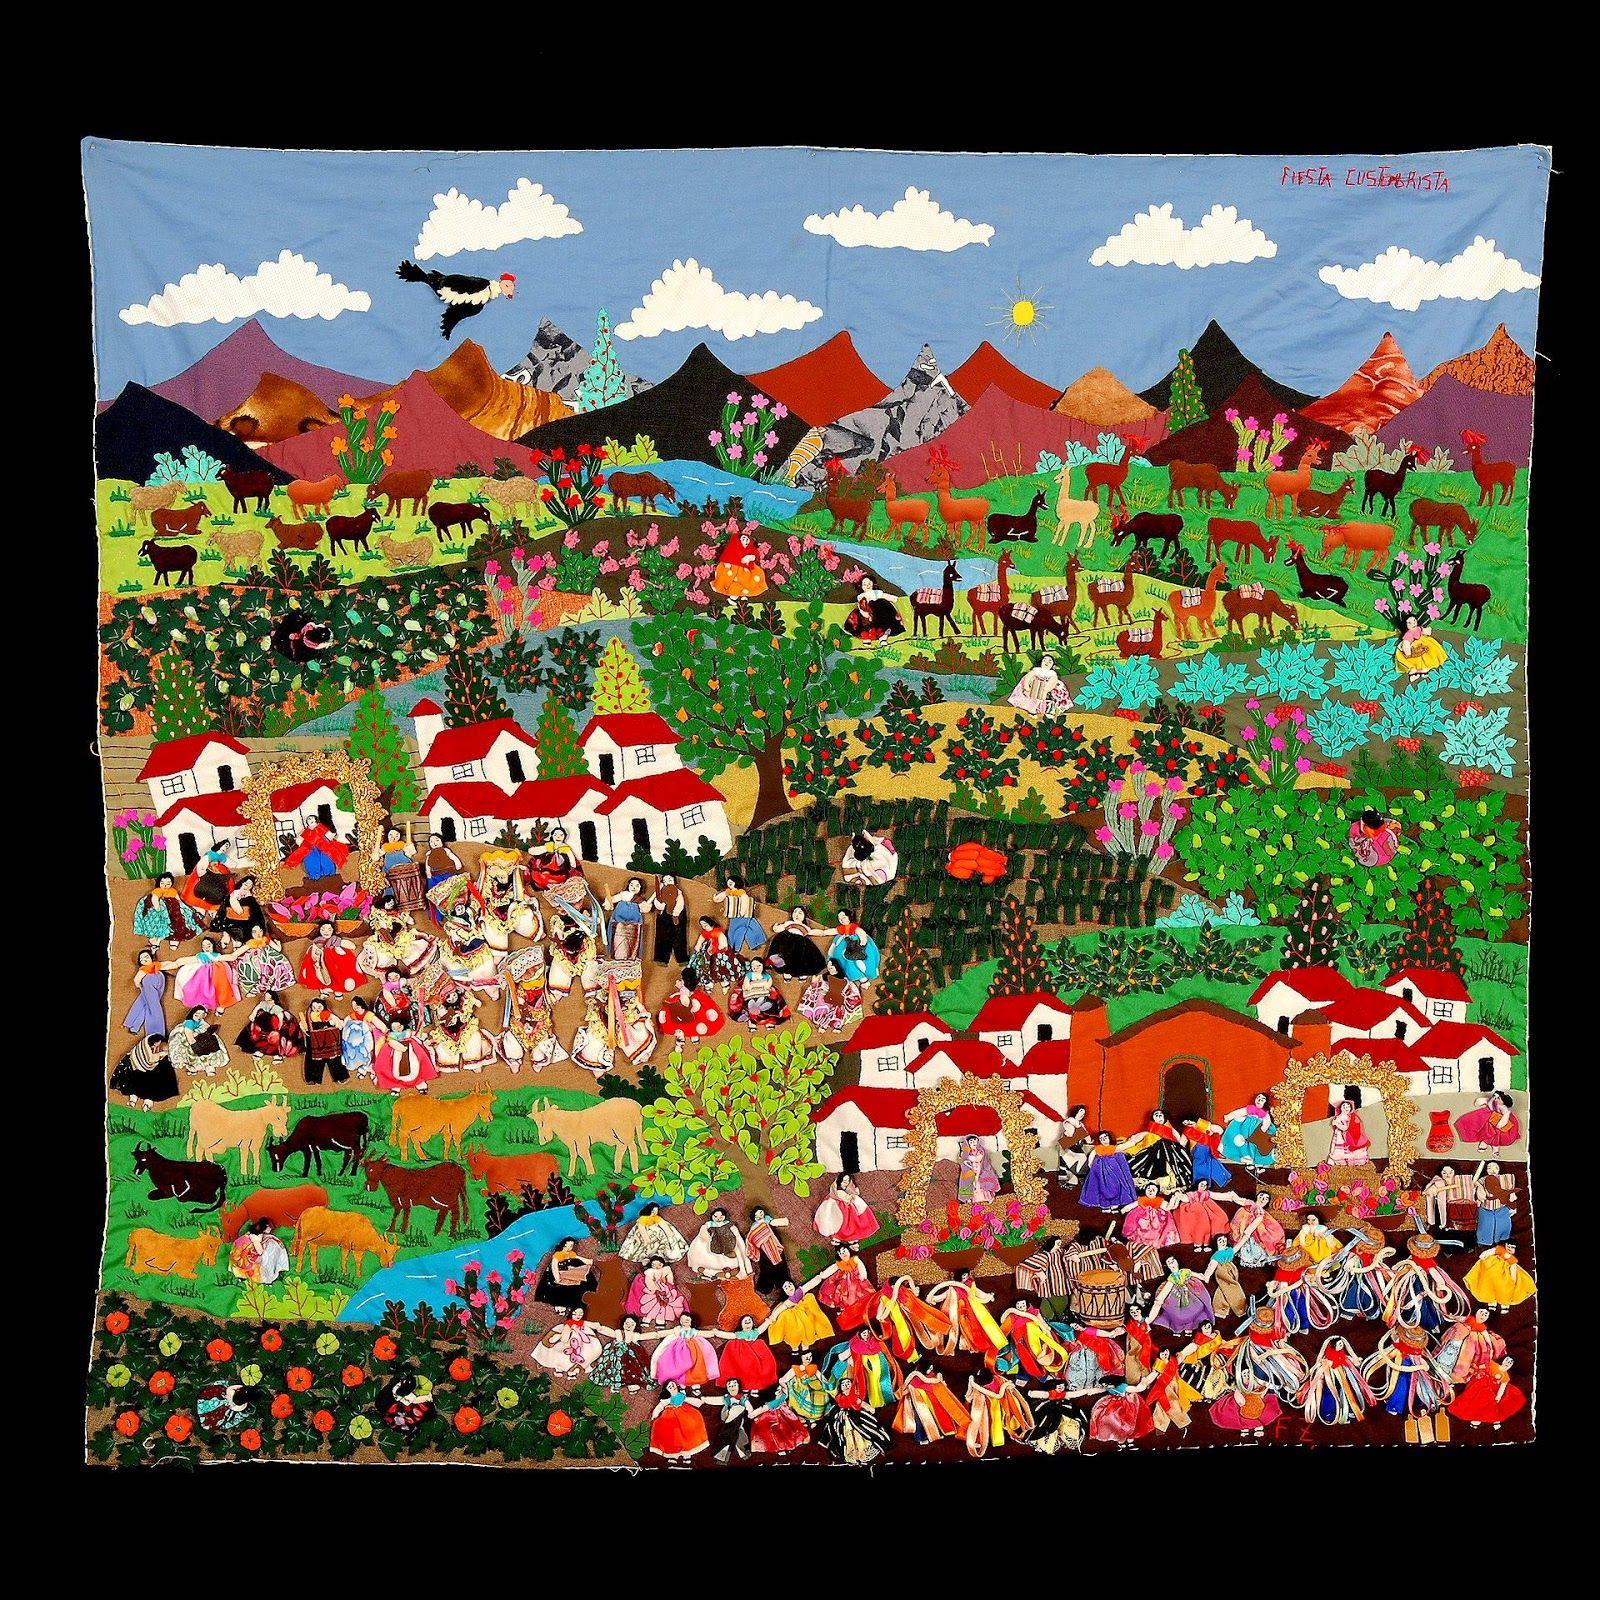 Flora+3.JPG (1600×1600) Peruvian art, Art, Applique art